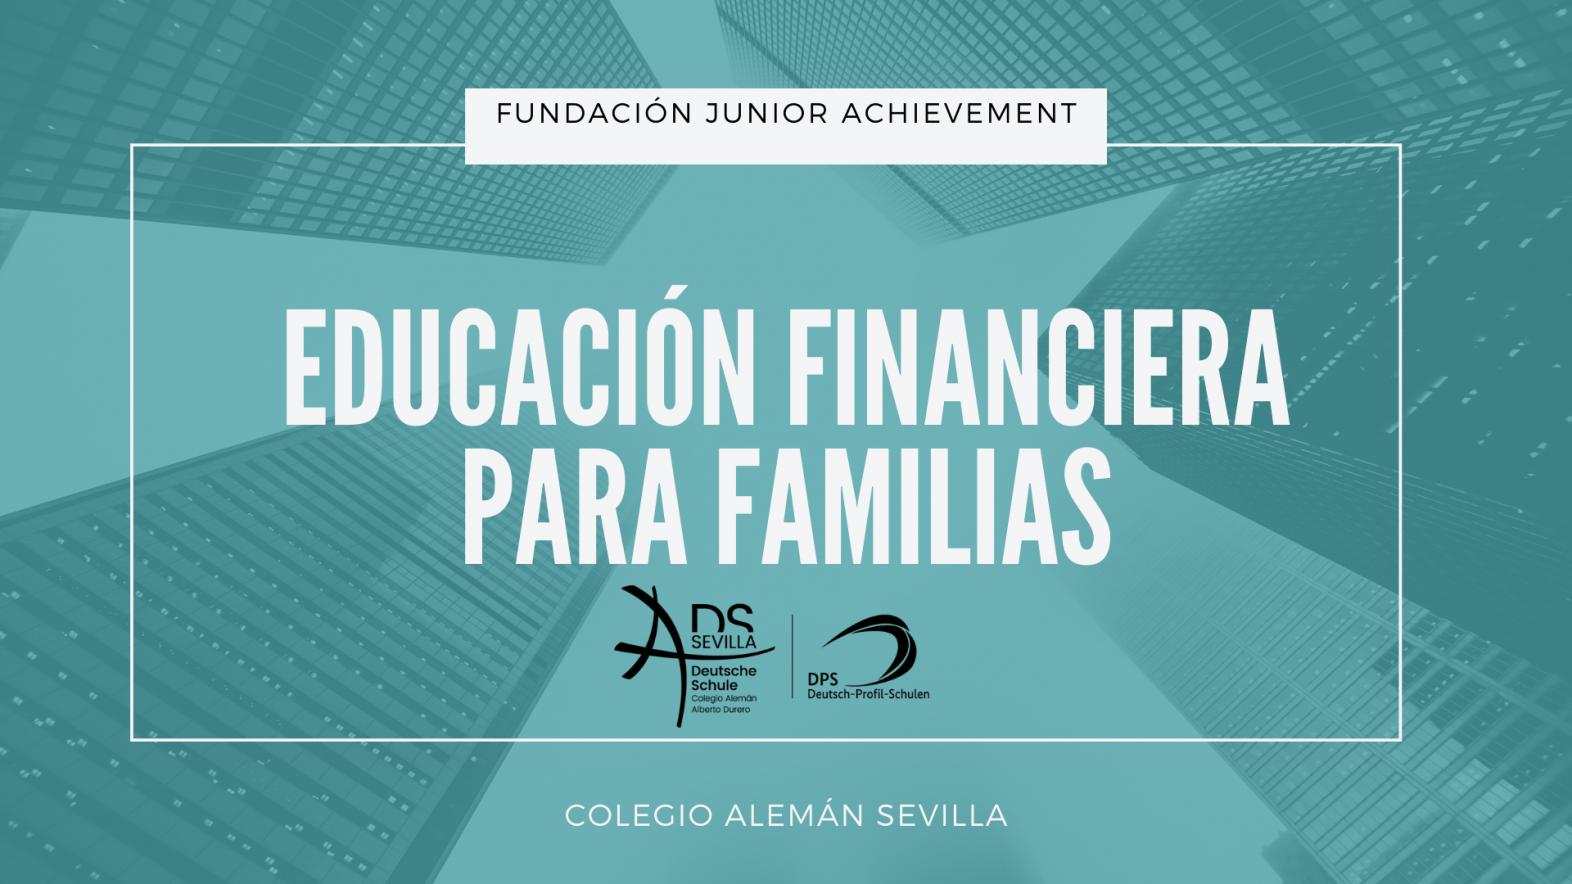 EDUCACIÓN FINANCIERA PARA FAMILIAS